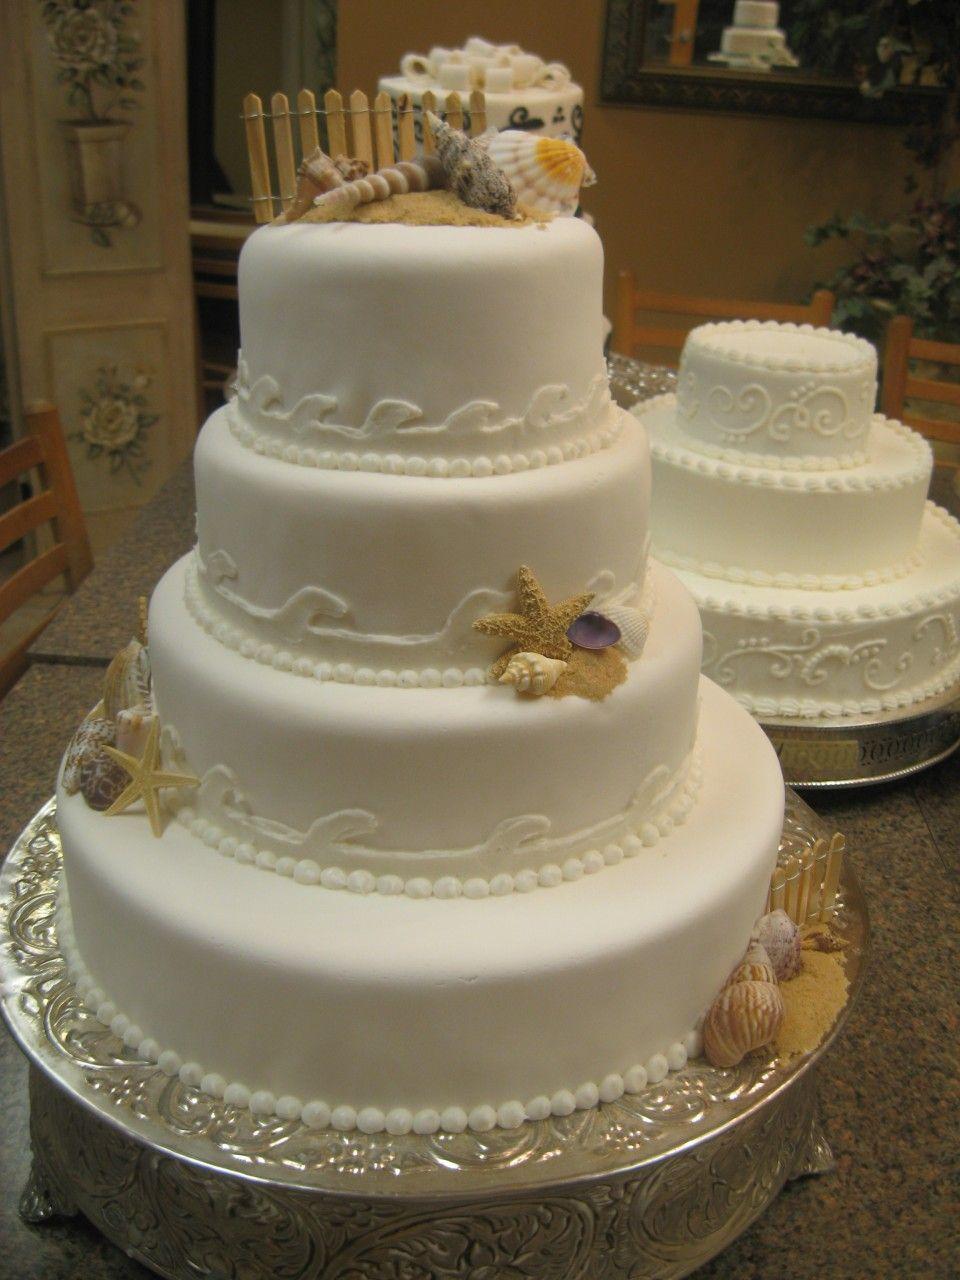 Wedding Cake by Pranzi Catering in Providence, RI